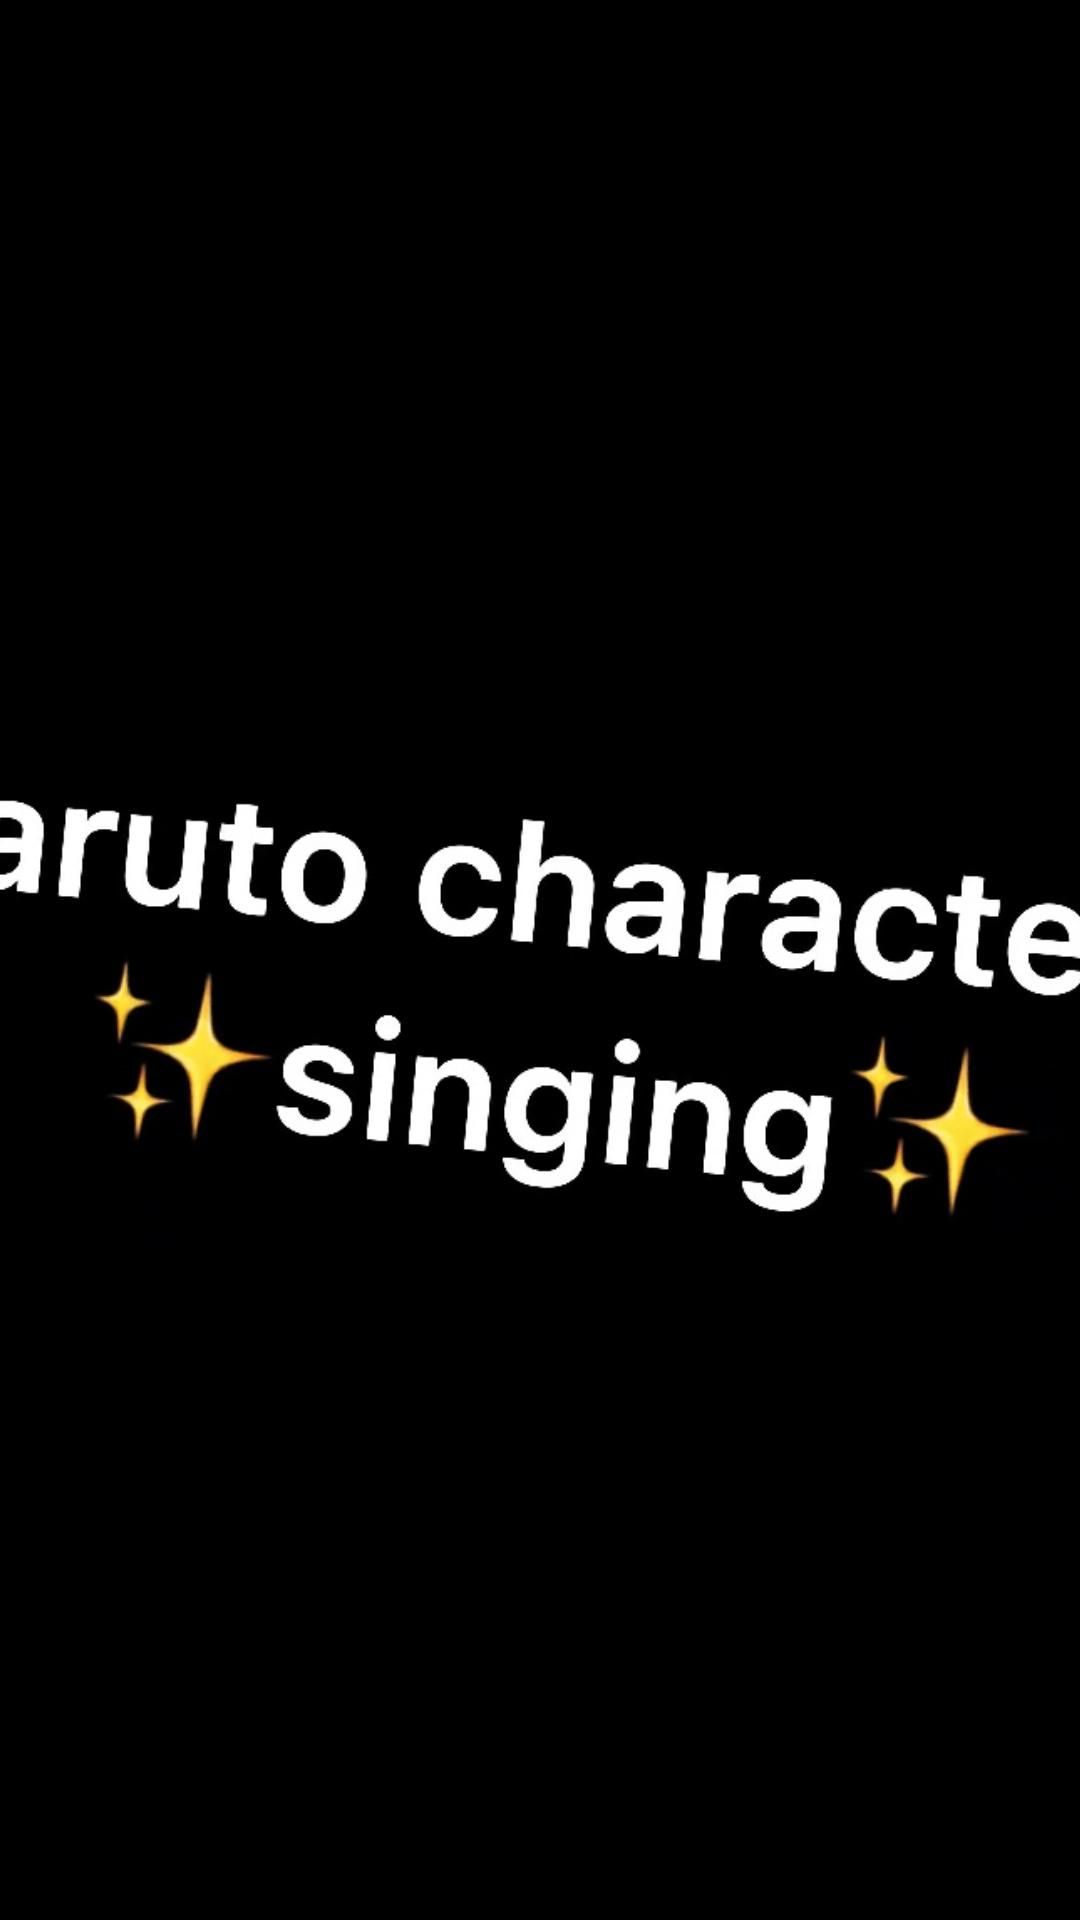 ✨naruto characters singing✨